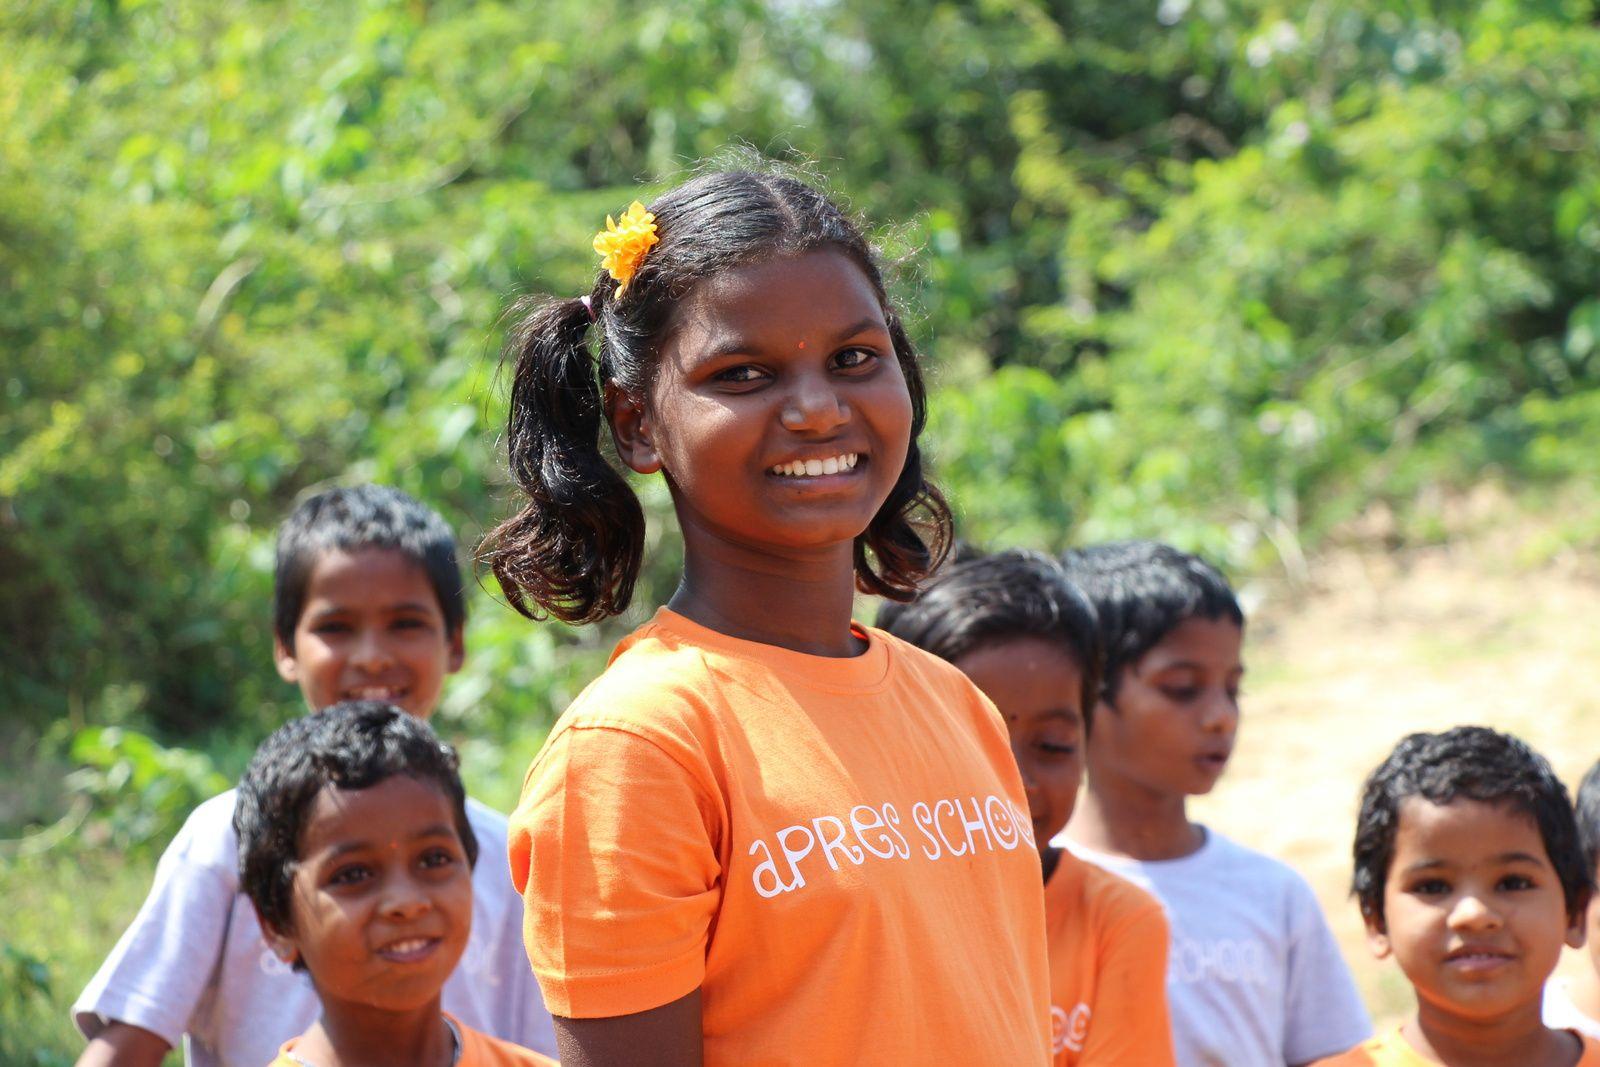 Kanaga, Apres School, Tamil Nadu (Inde), 6 février 217 © eMmA MessanA